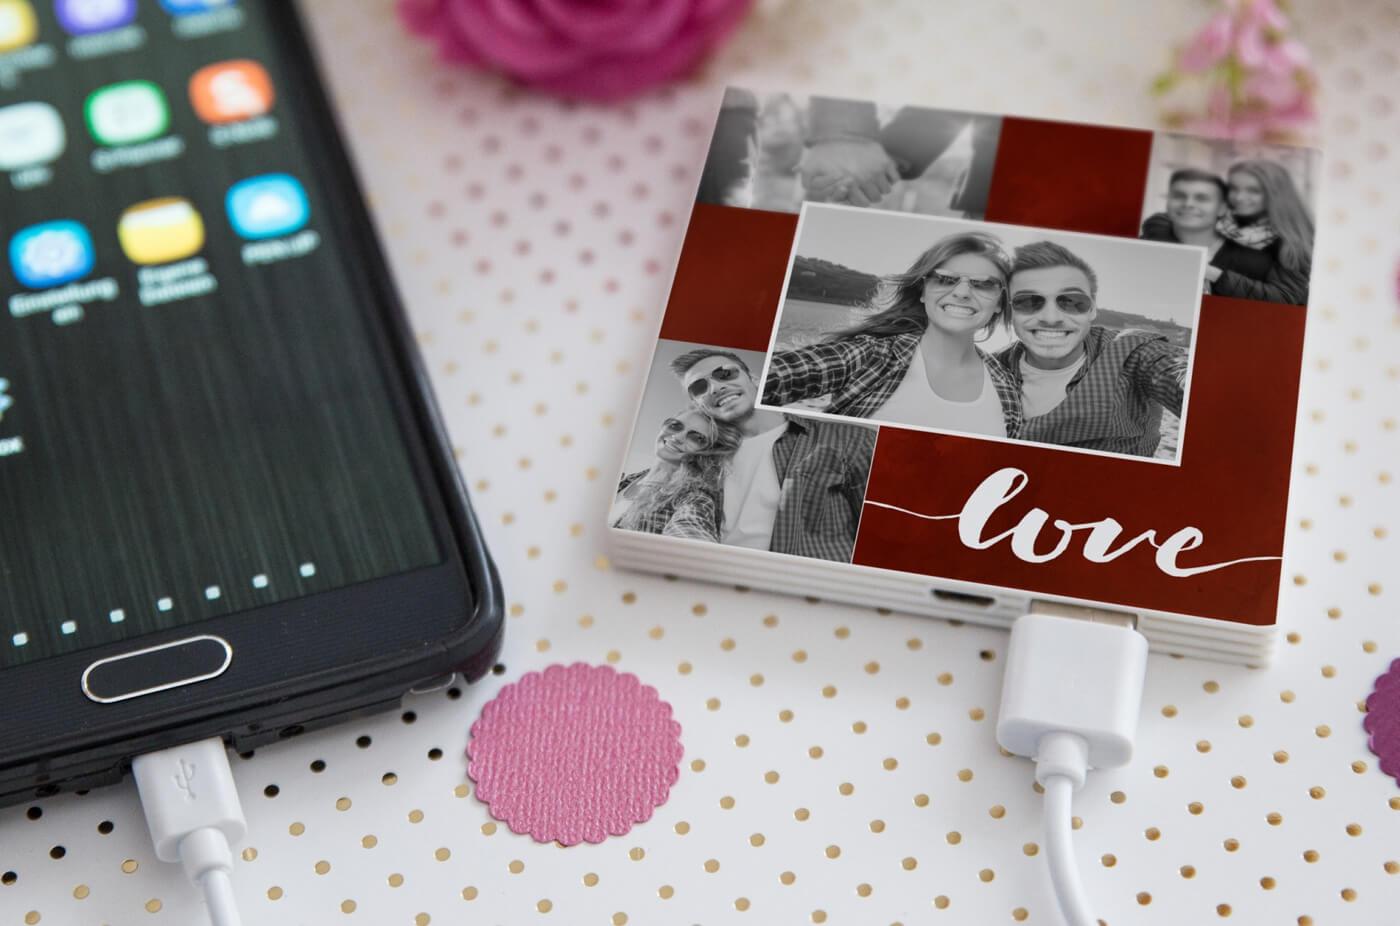 Romantische Weihnachtsgeschenke für den Partner | Coole Ideen in der ...